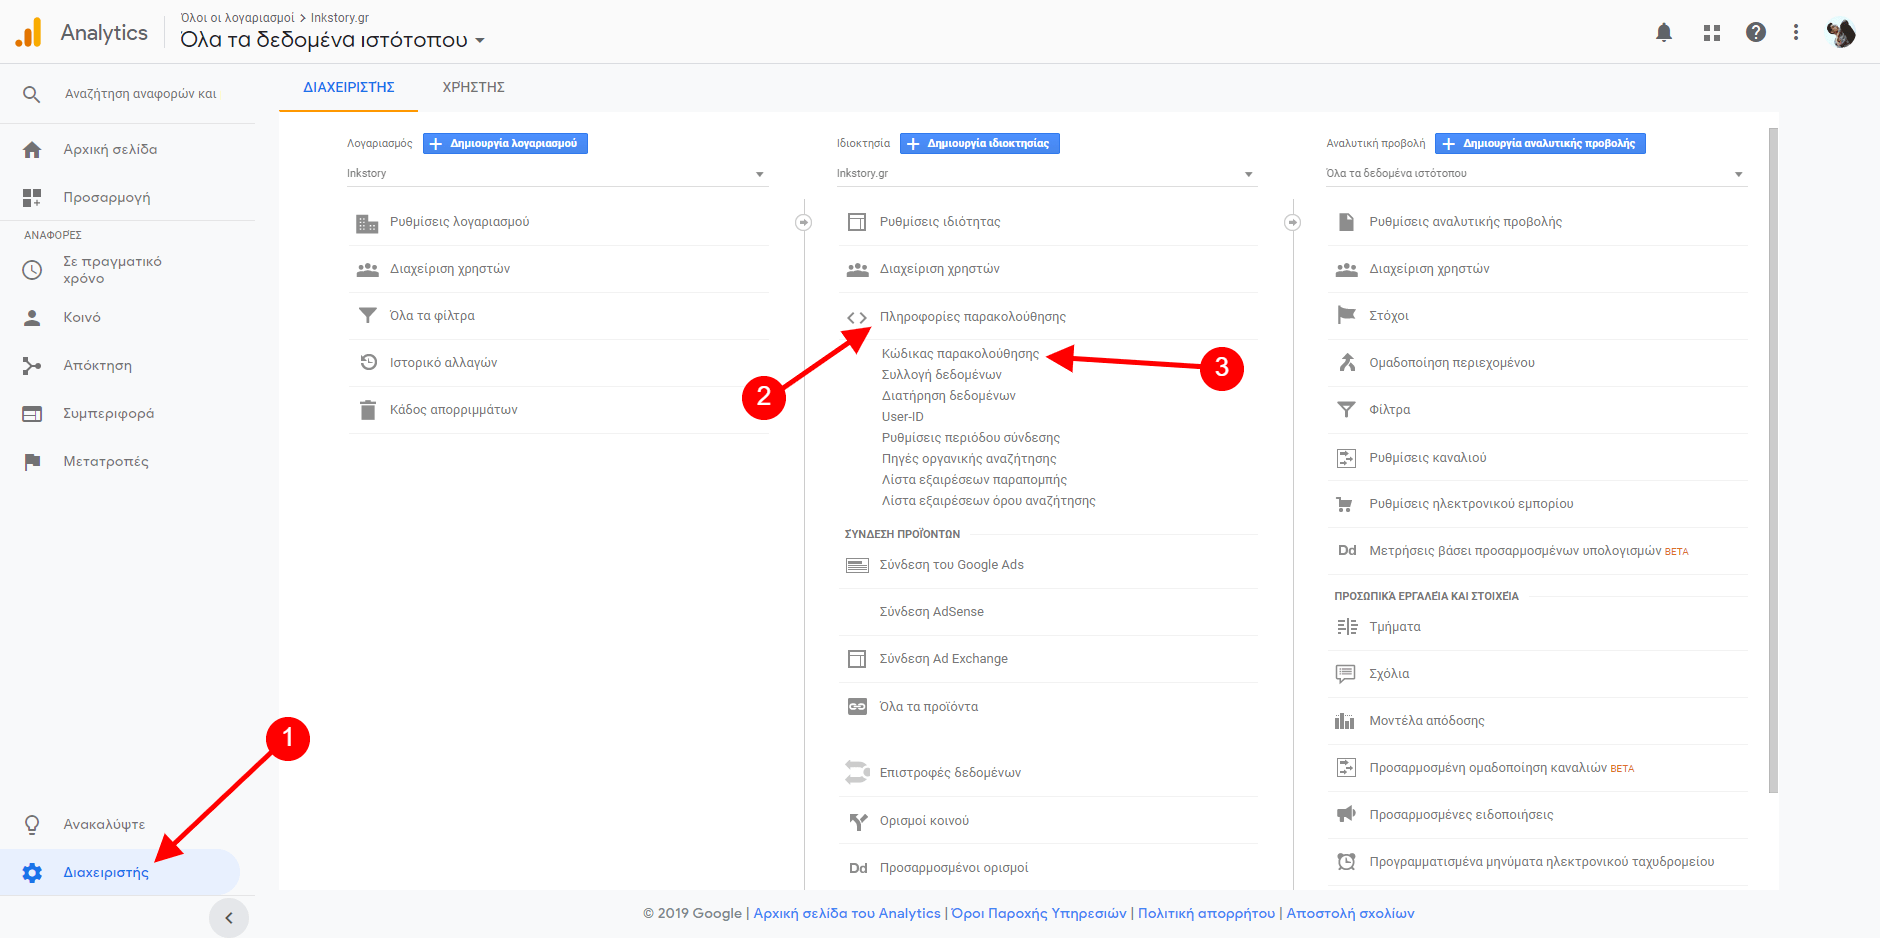 Κώδικας παρακολούθησης στο Google Analytics λογαριασμό